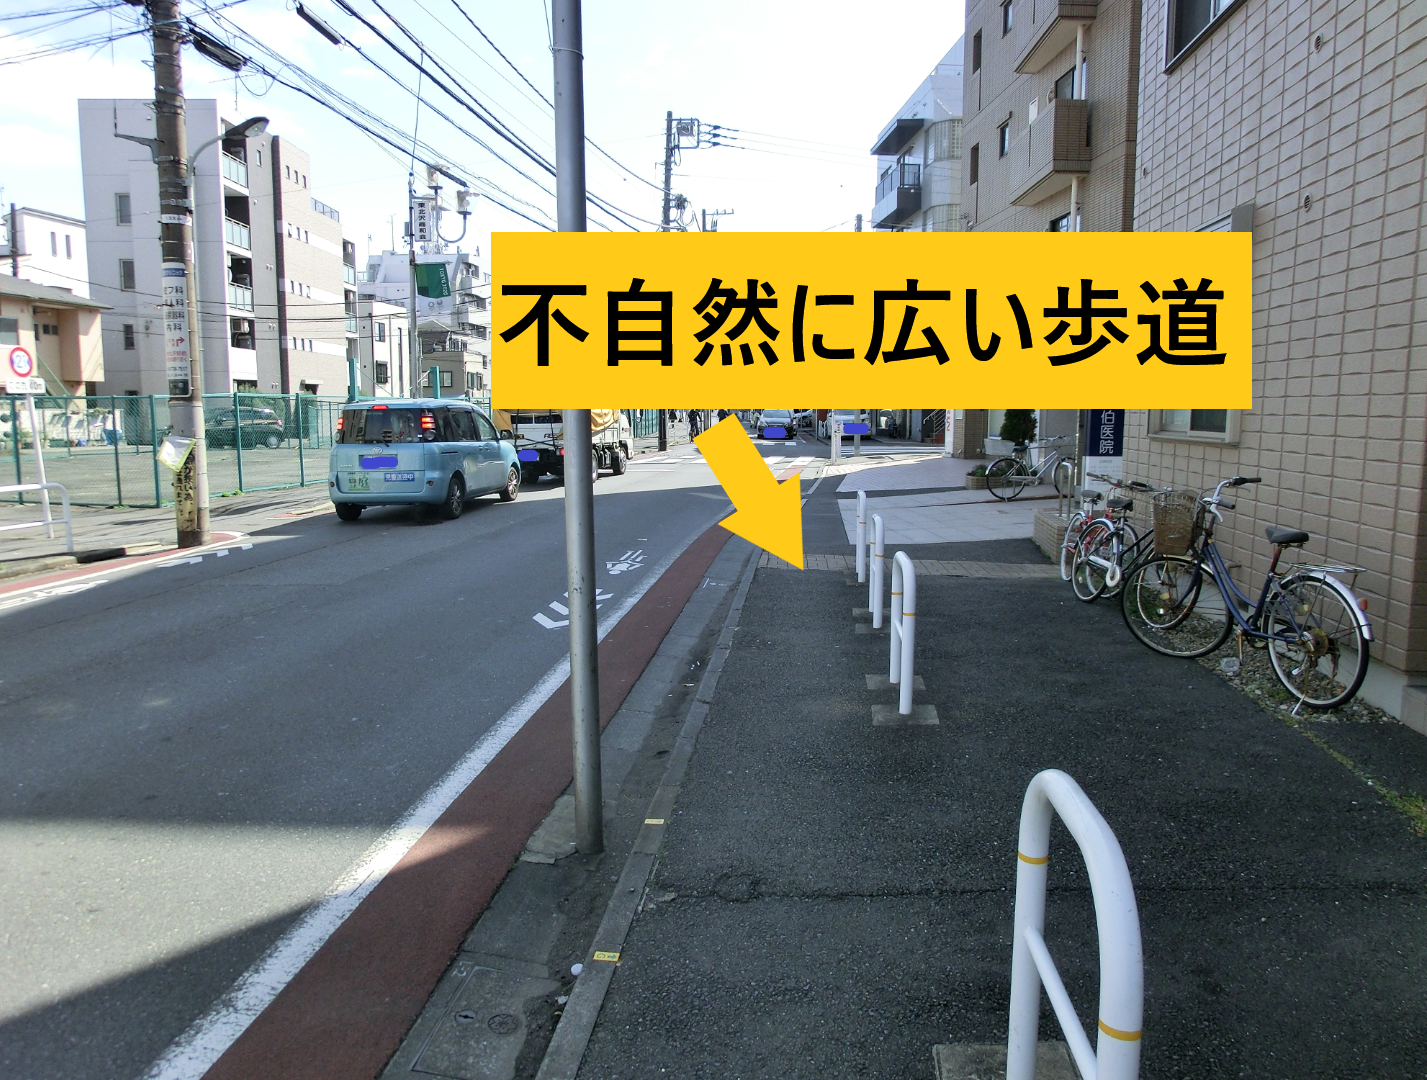 不自然に広い歩道 三田用水跡散策2